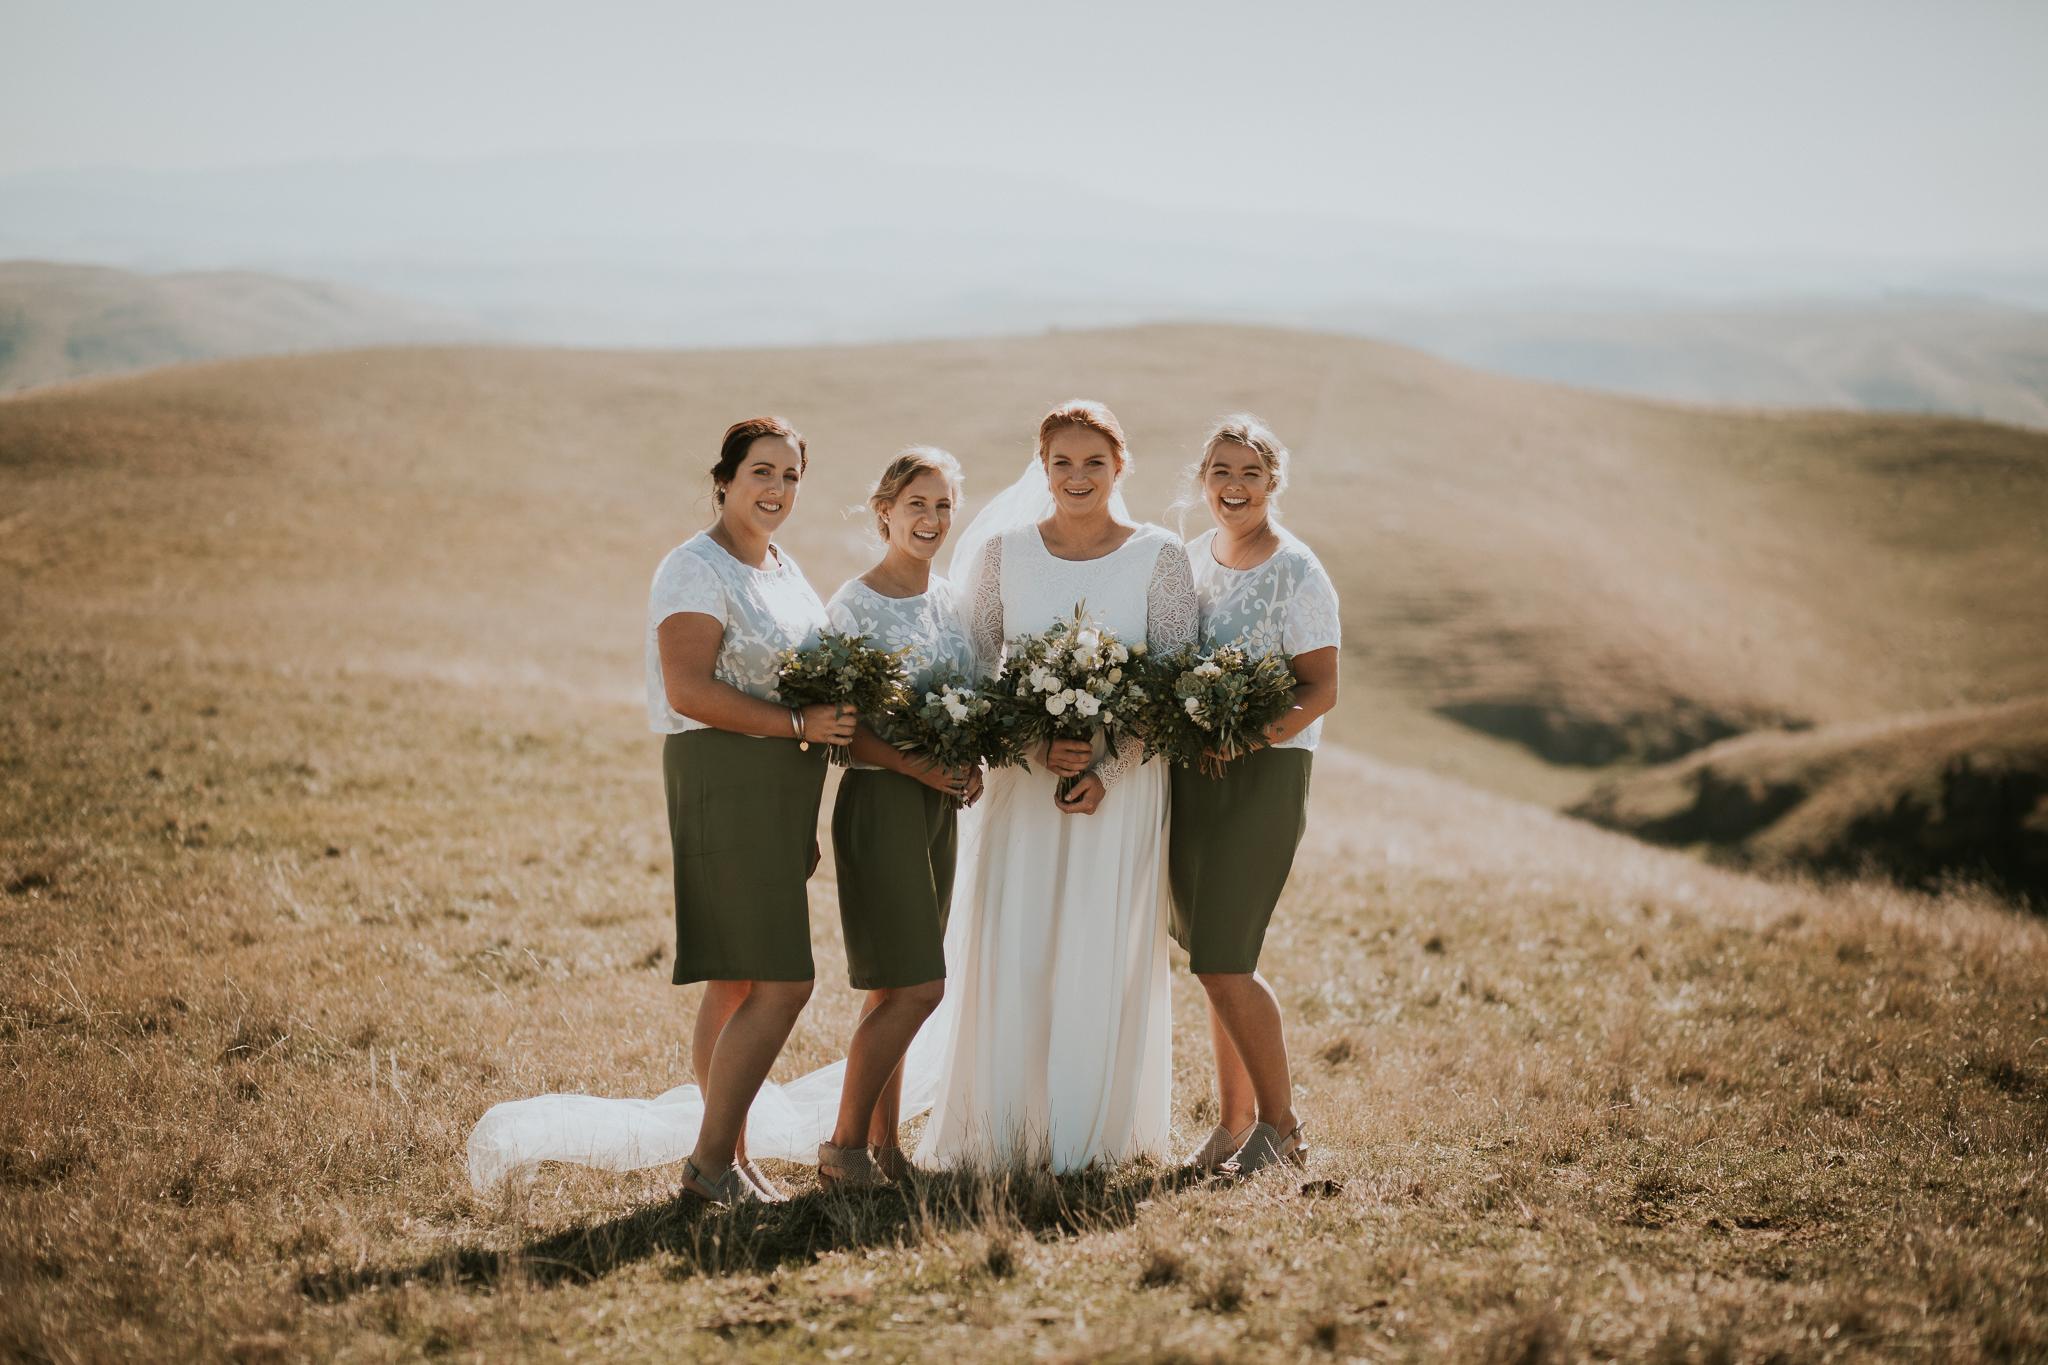 wedding photographer hawkes bay , Lisa Fisher Photography, Selini Winery Wedding -52.jpg